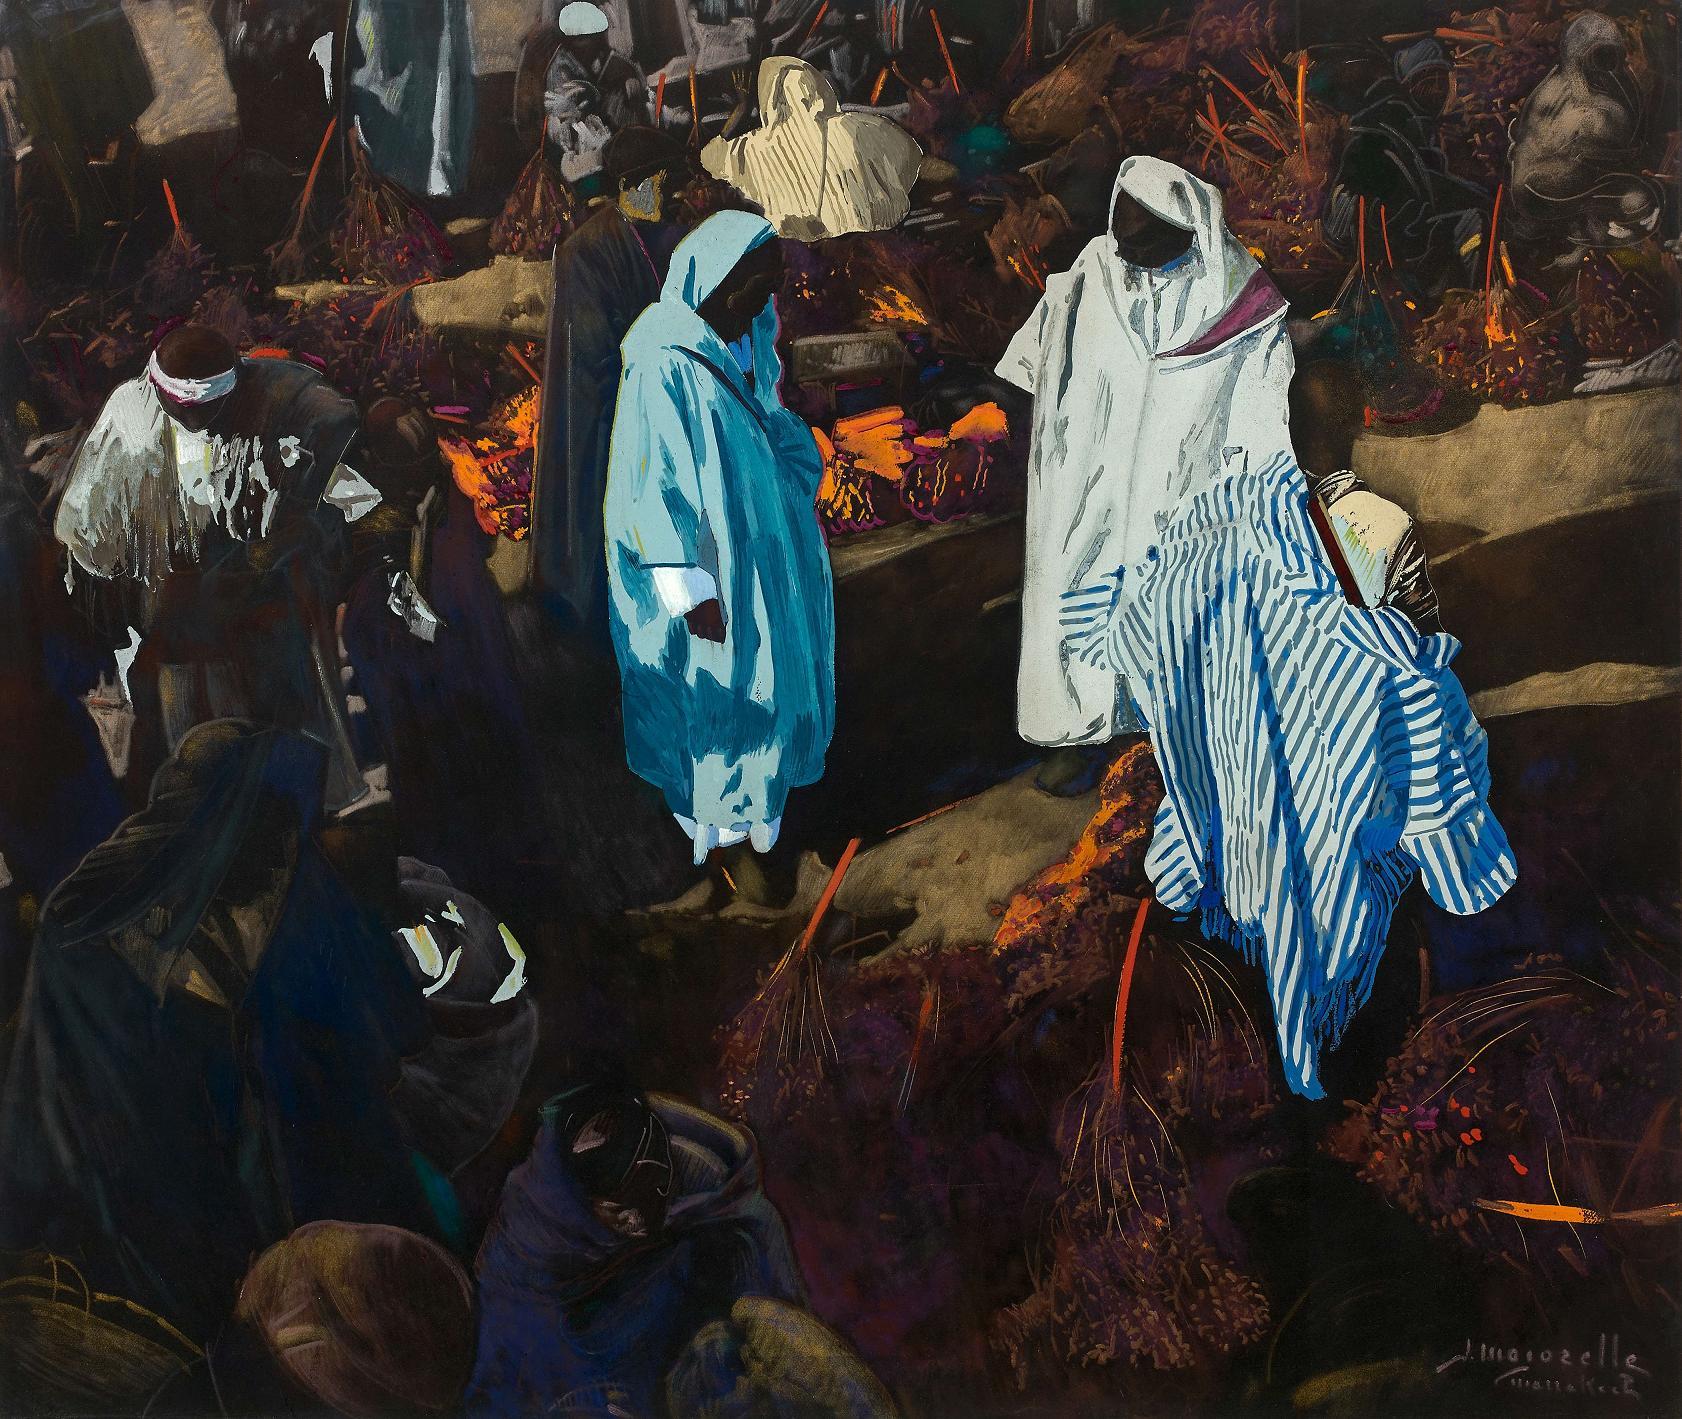 jacques majorelle - Marchands de Dattes dans le Souk - Marrakech